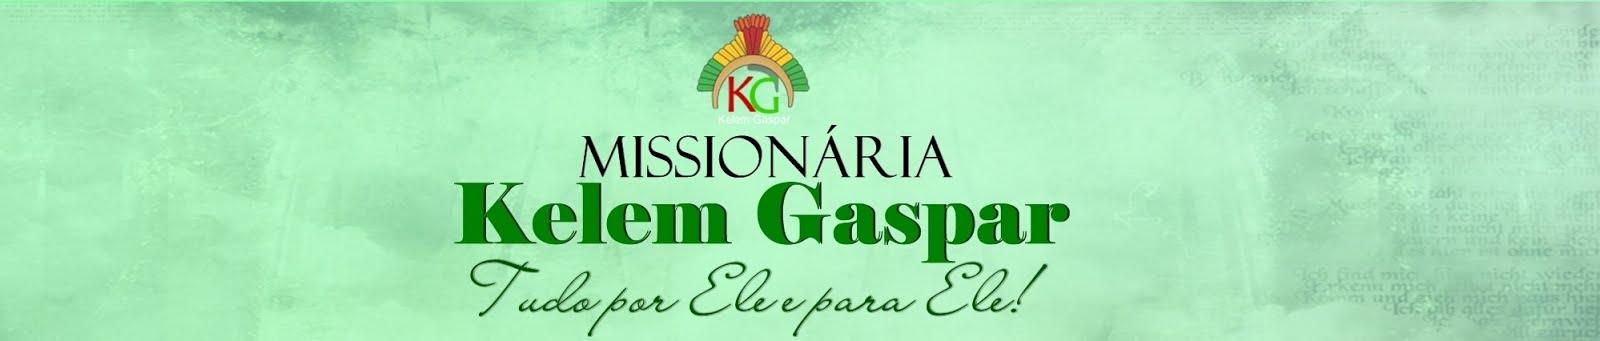 Kelem Gaspar